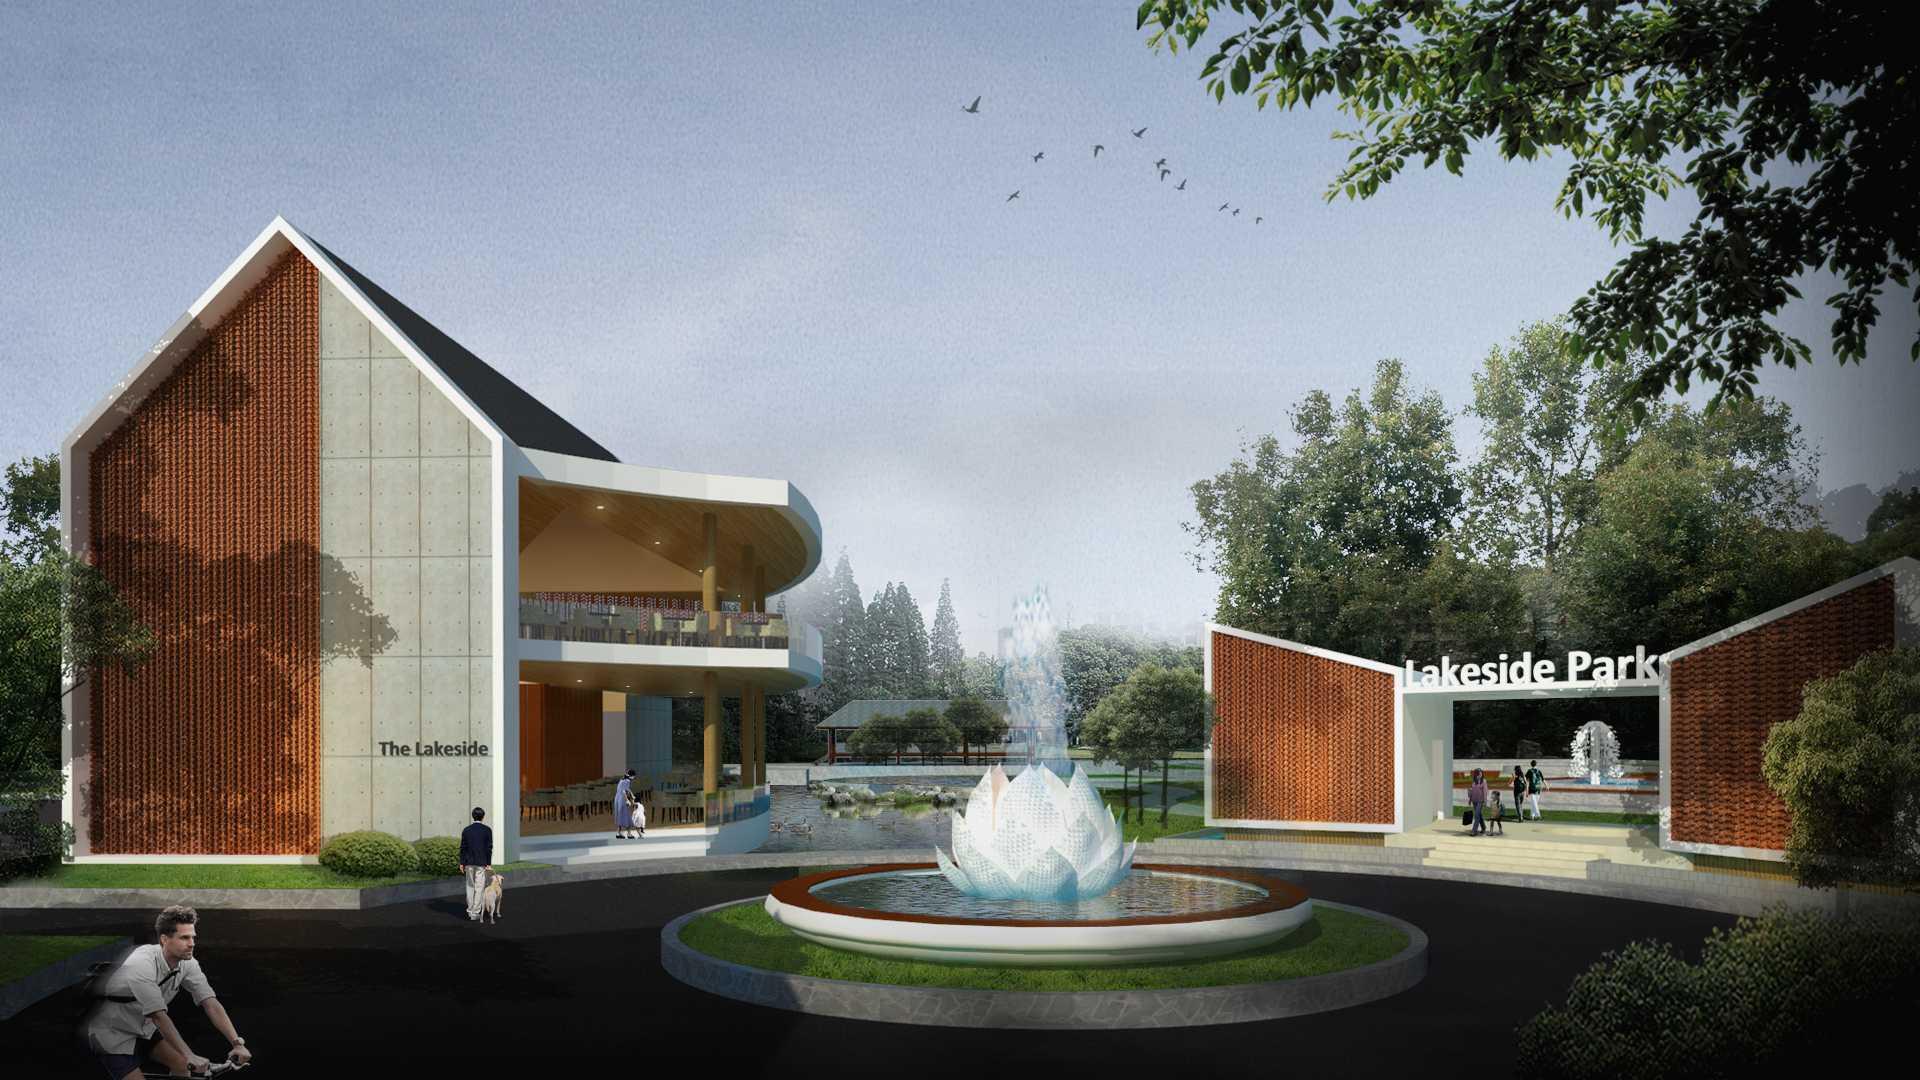 Alima Studio Karang Anyar Lakeside Park Palembang, Kota Palembang, Sumatera Selatan, Indonesia Palembang, Kota Palembang, Sumatera Selatan, Indonesia Alima-Studio-Karang-Anyar-Lakeside-Park  57446